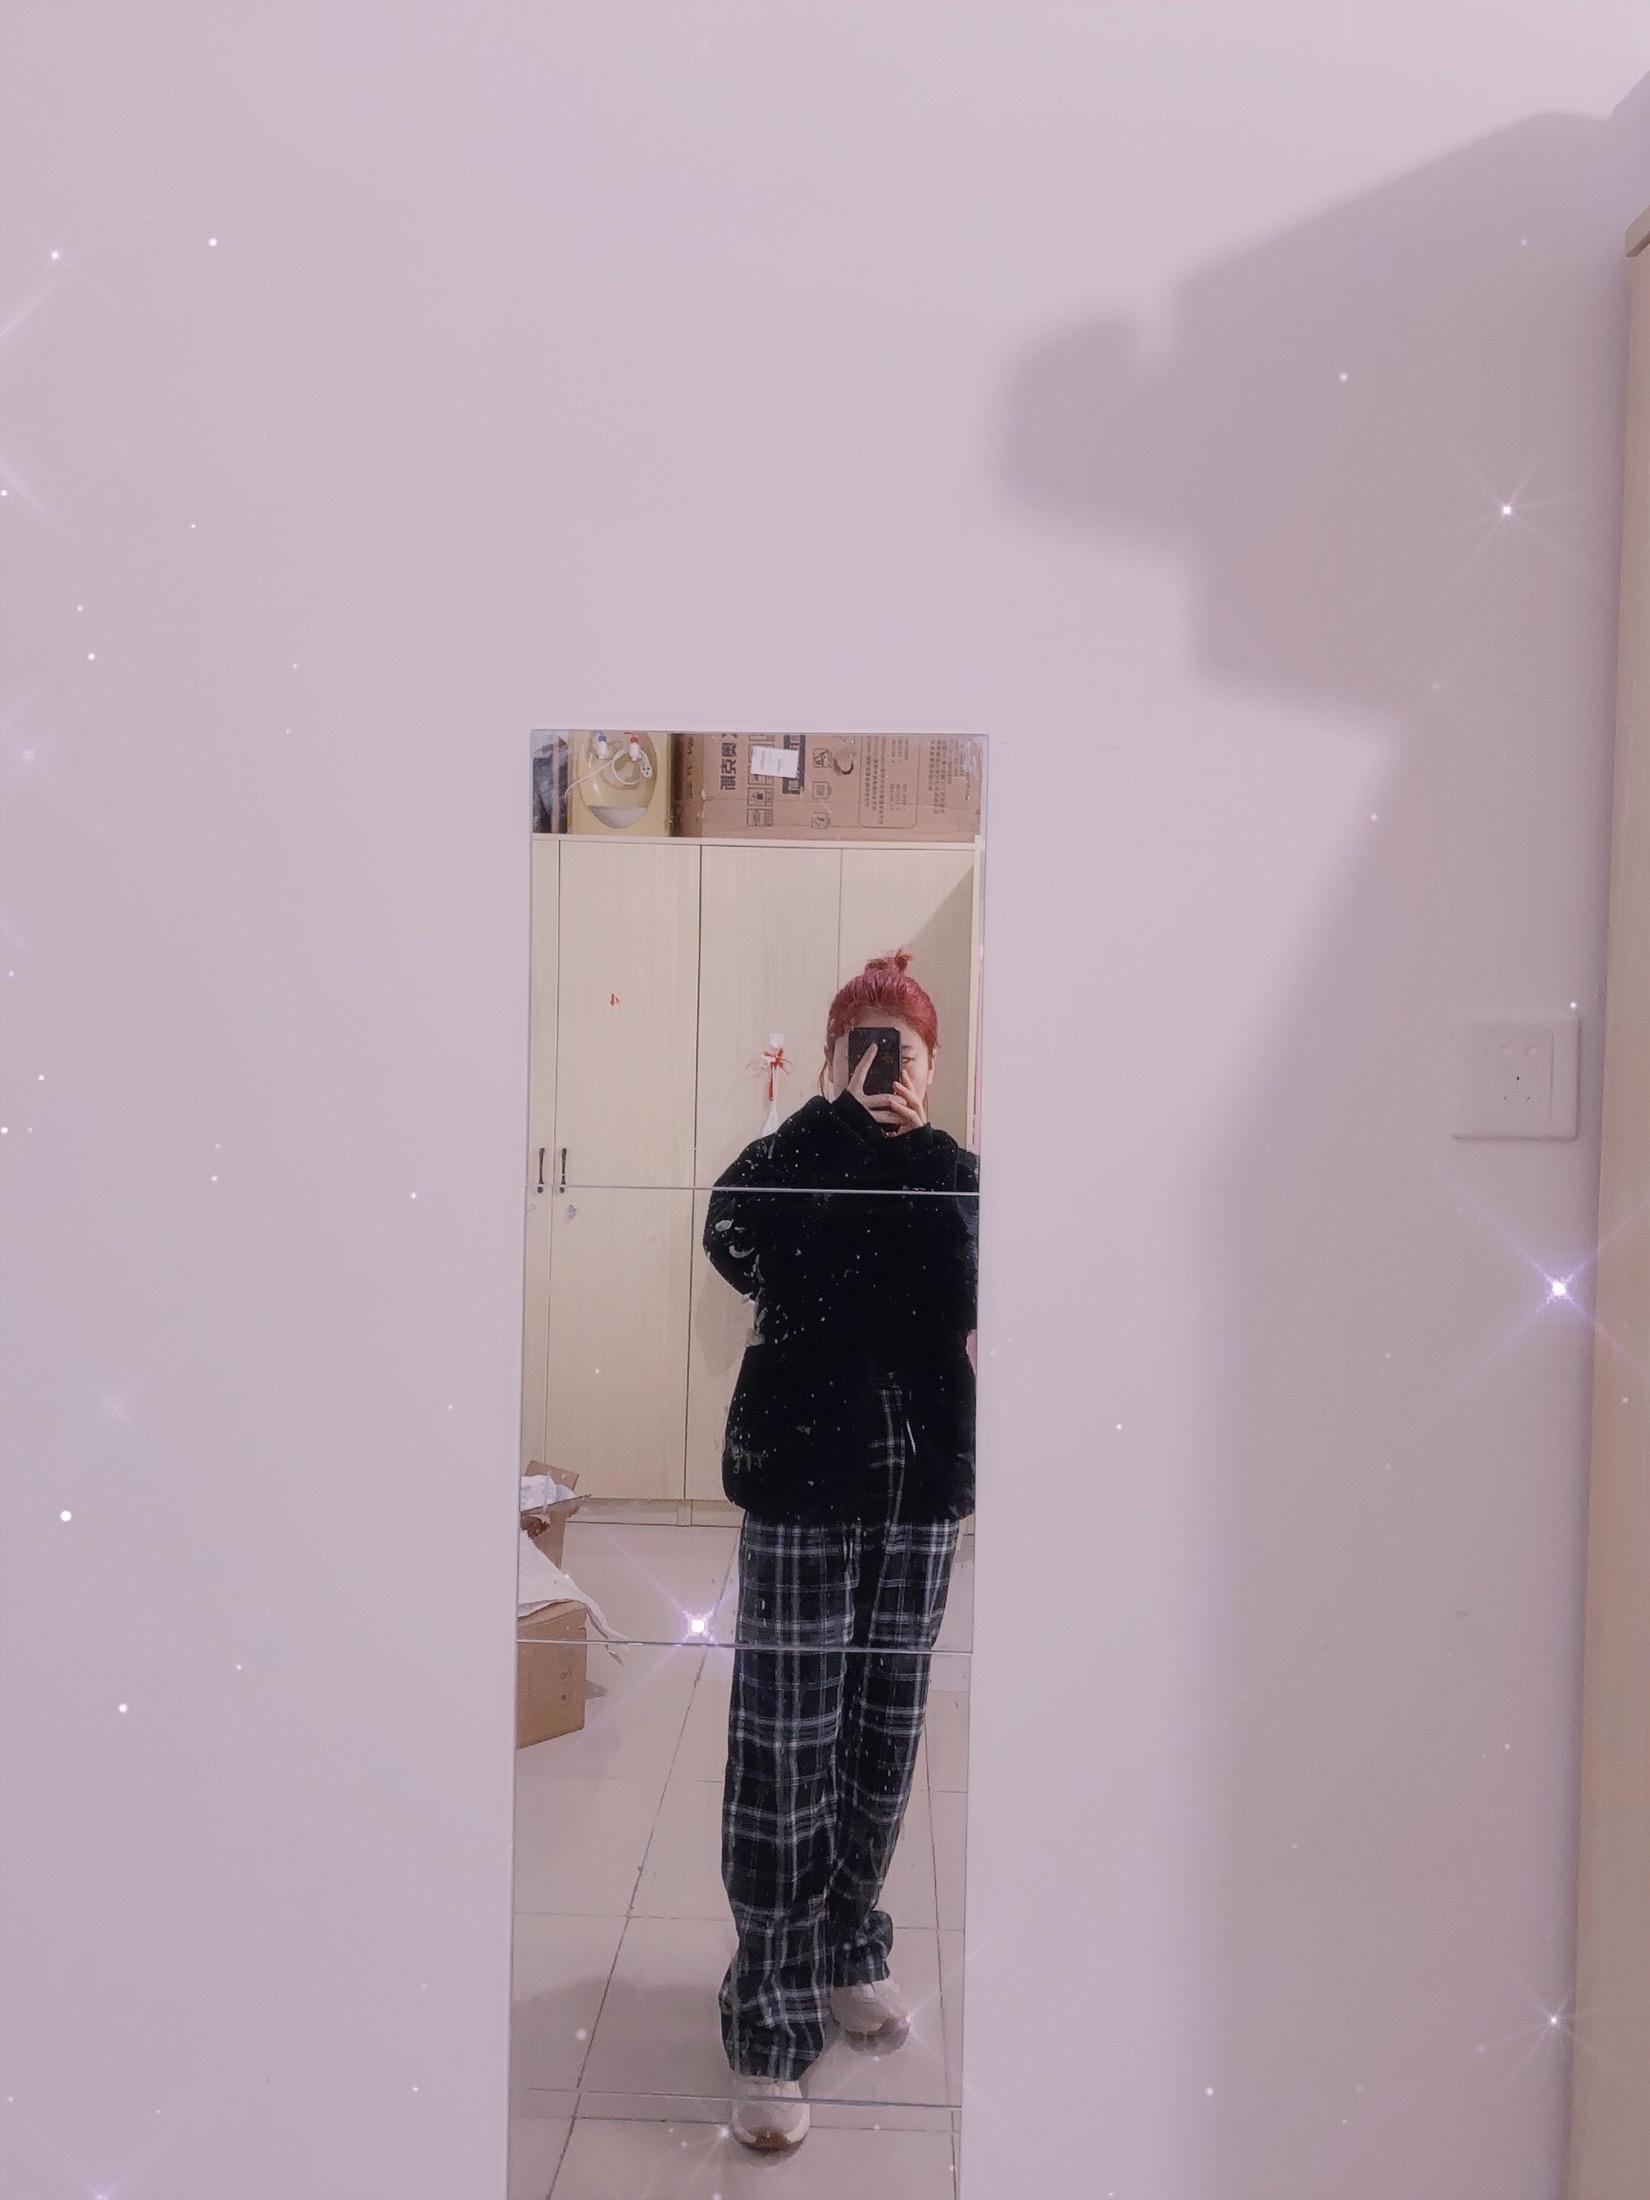 新款黑白格子裤女高腰垂感宽松直筒长裤